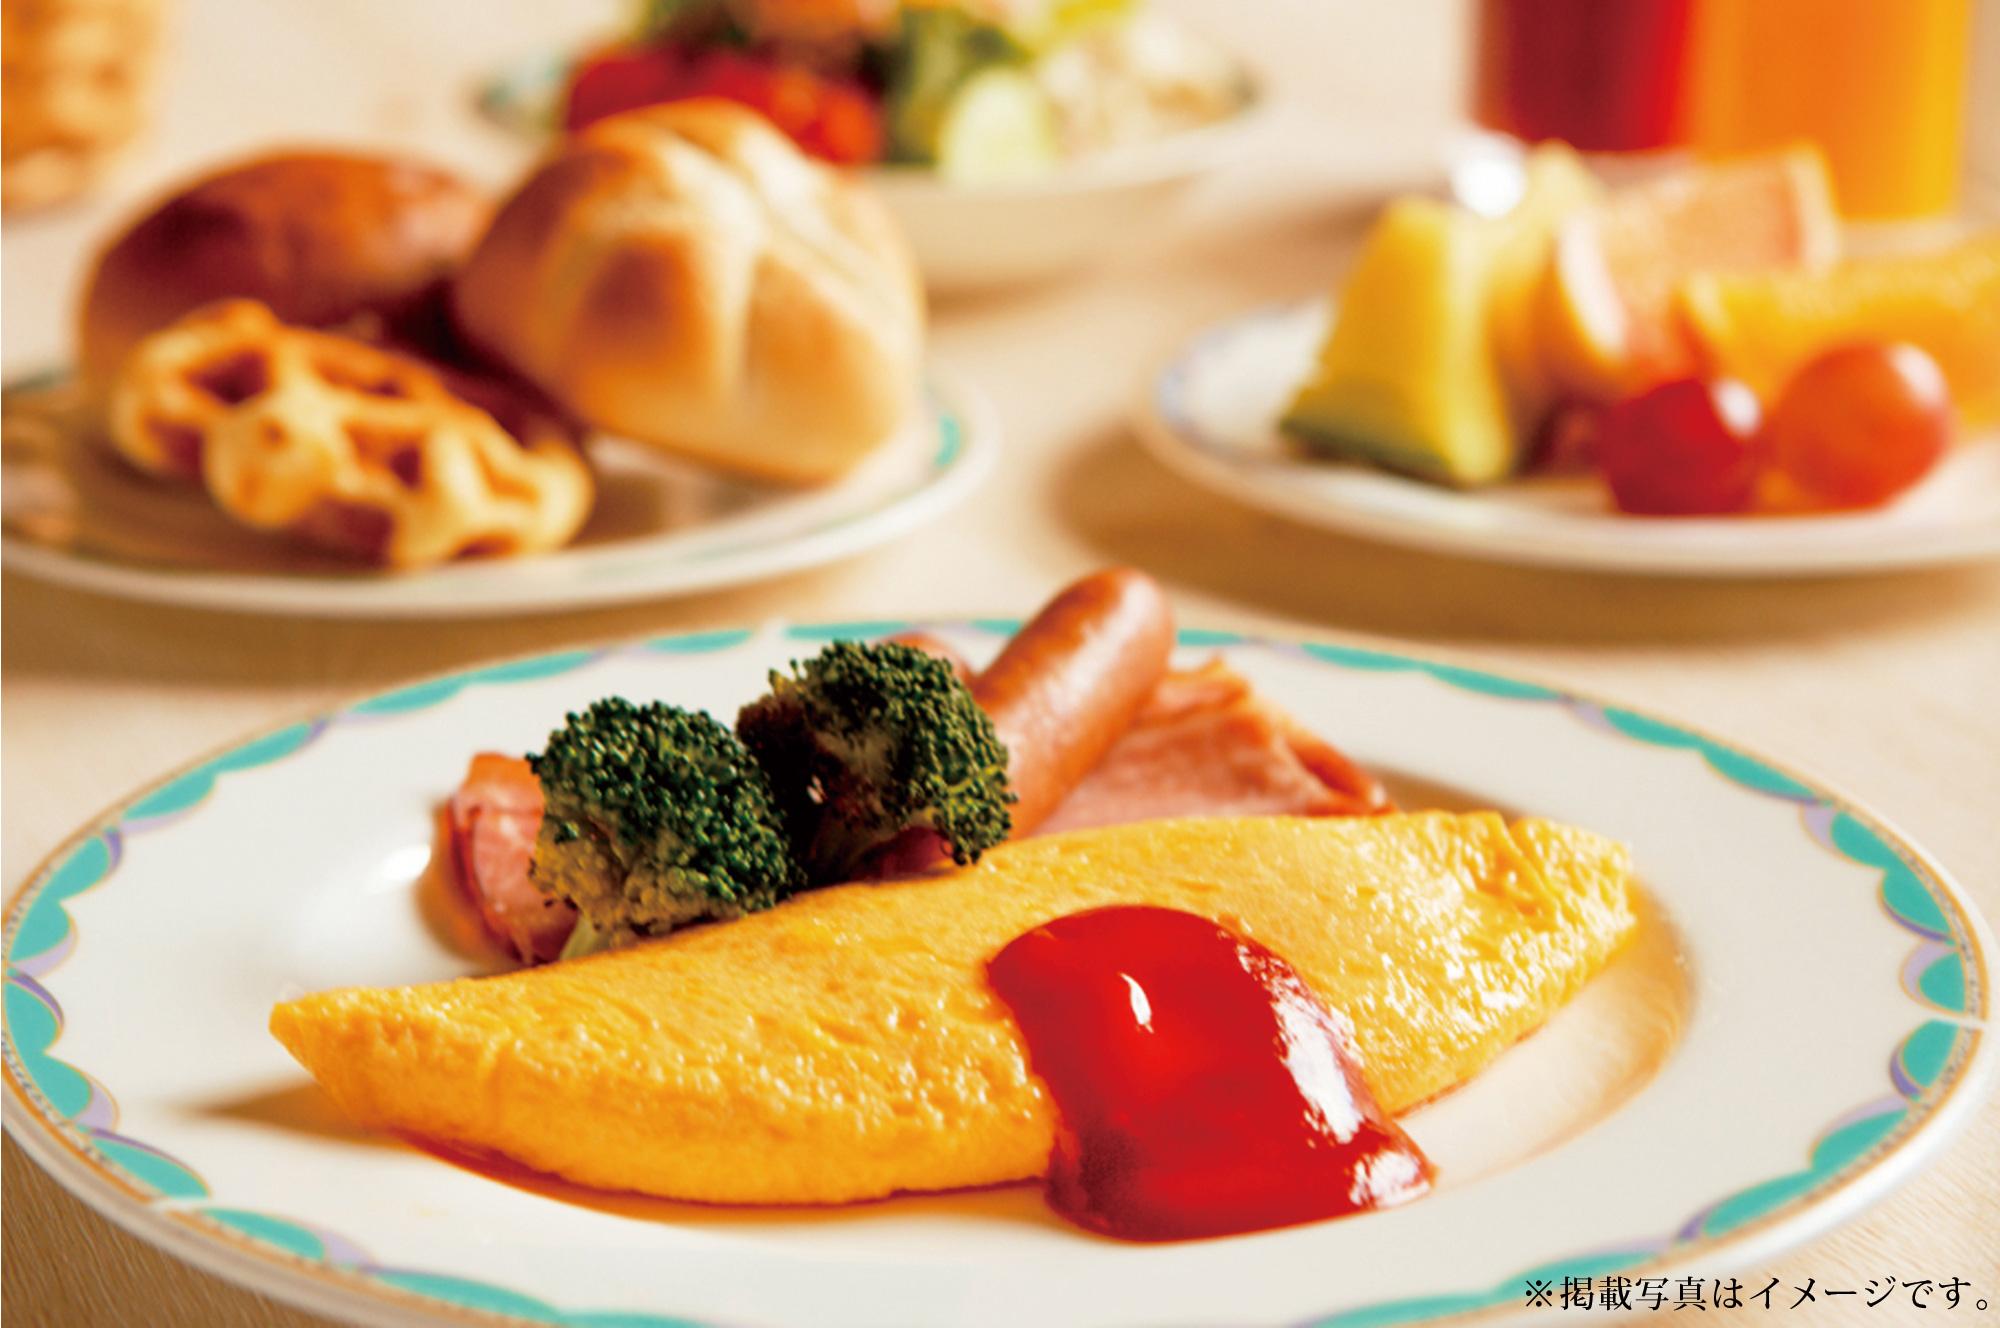 Fuji's breakfast